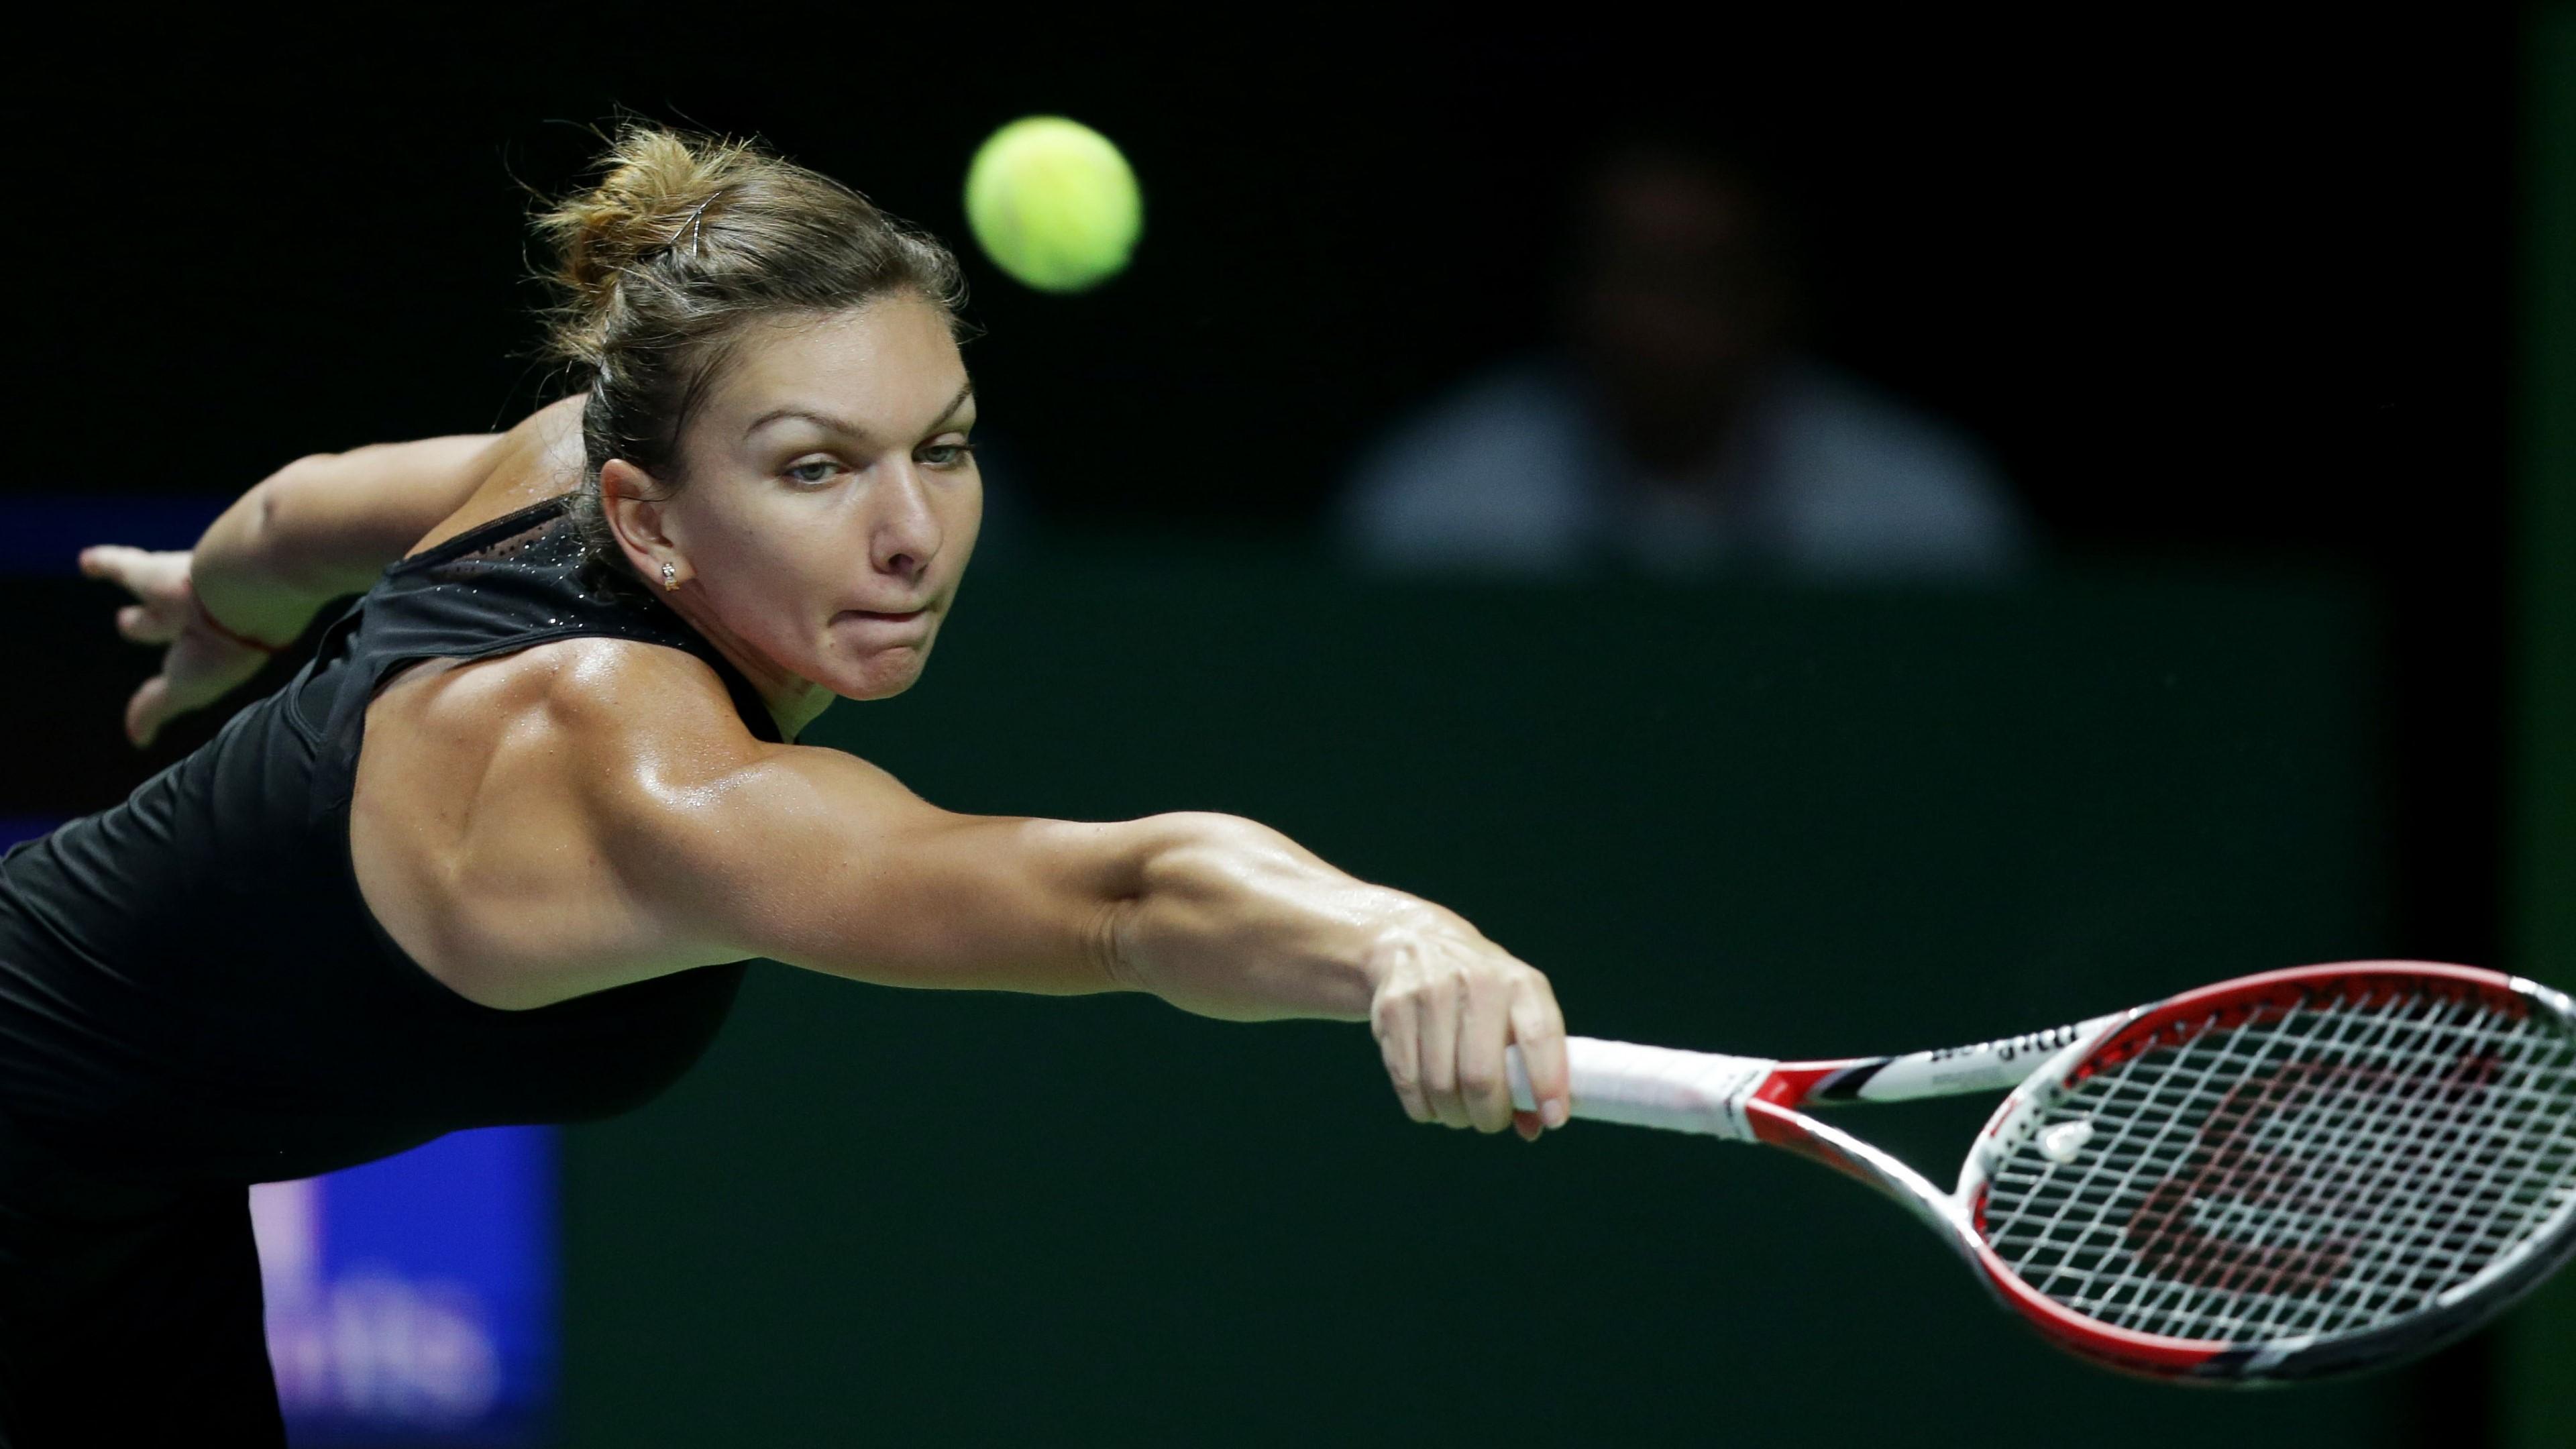 Wallpaper Simona Halep playing tennis